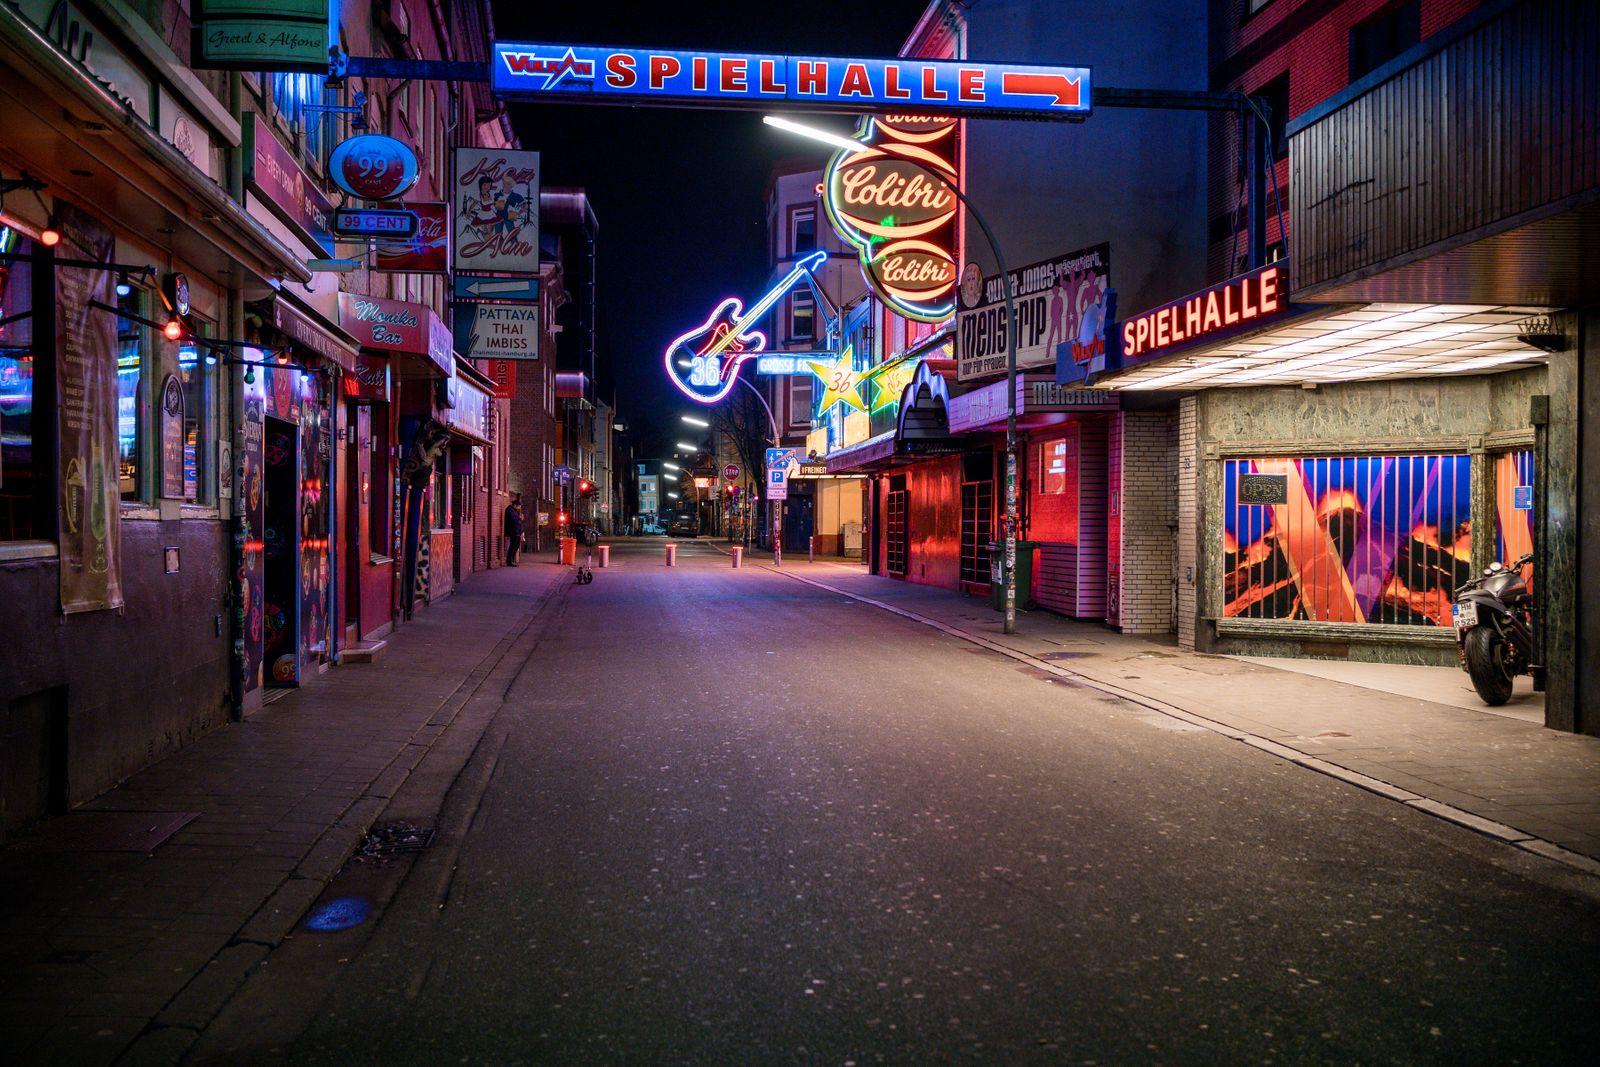 Shutdown in Hamburg, am 16.03. nachdem die Stadt Hamburg allen Kneipen und Cafés Auflagen aufgrund des Corona-Virus gemacht haben.